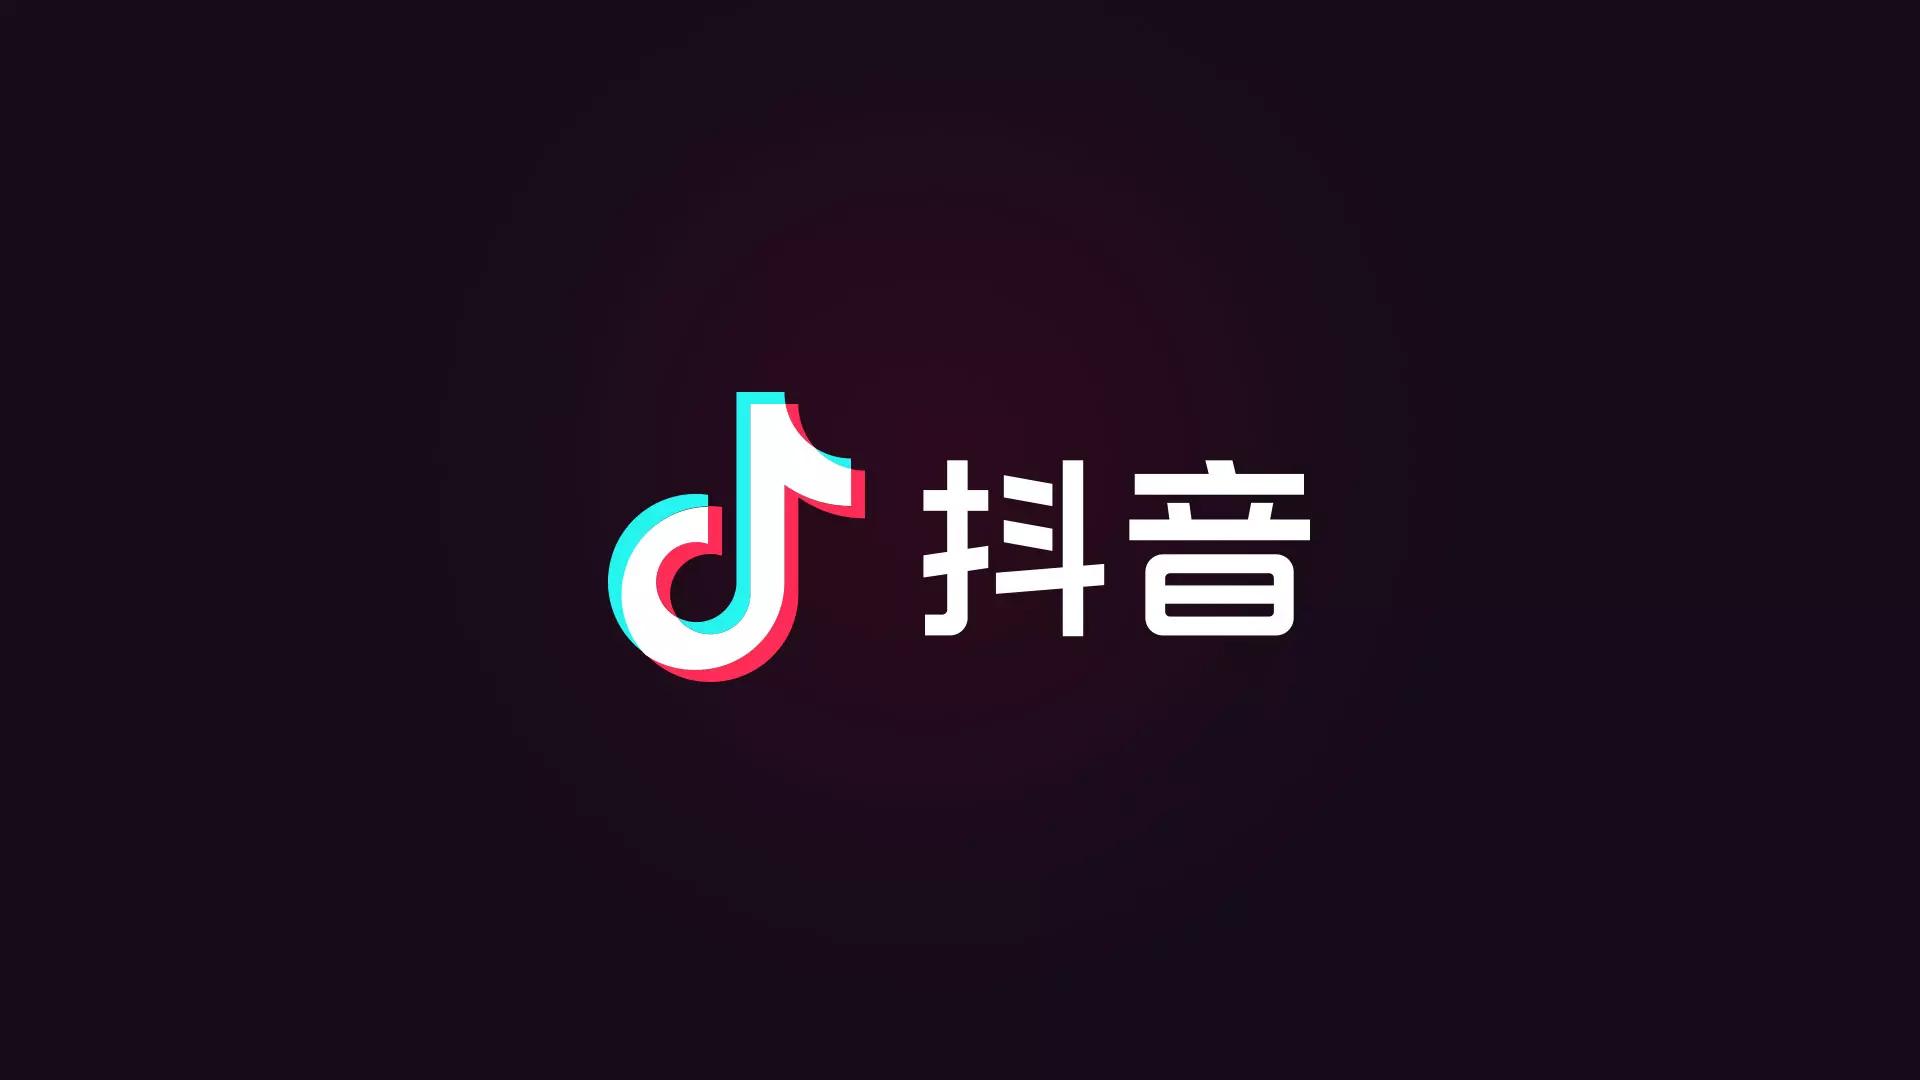 短视频头像logo设计